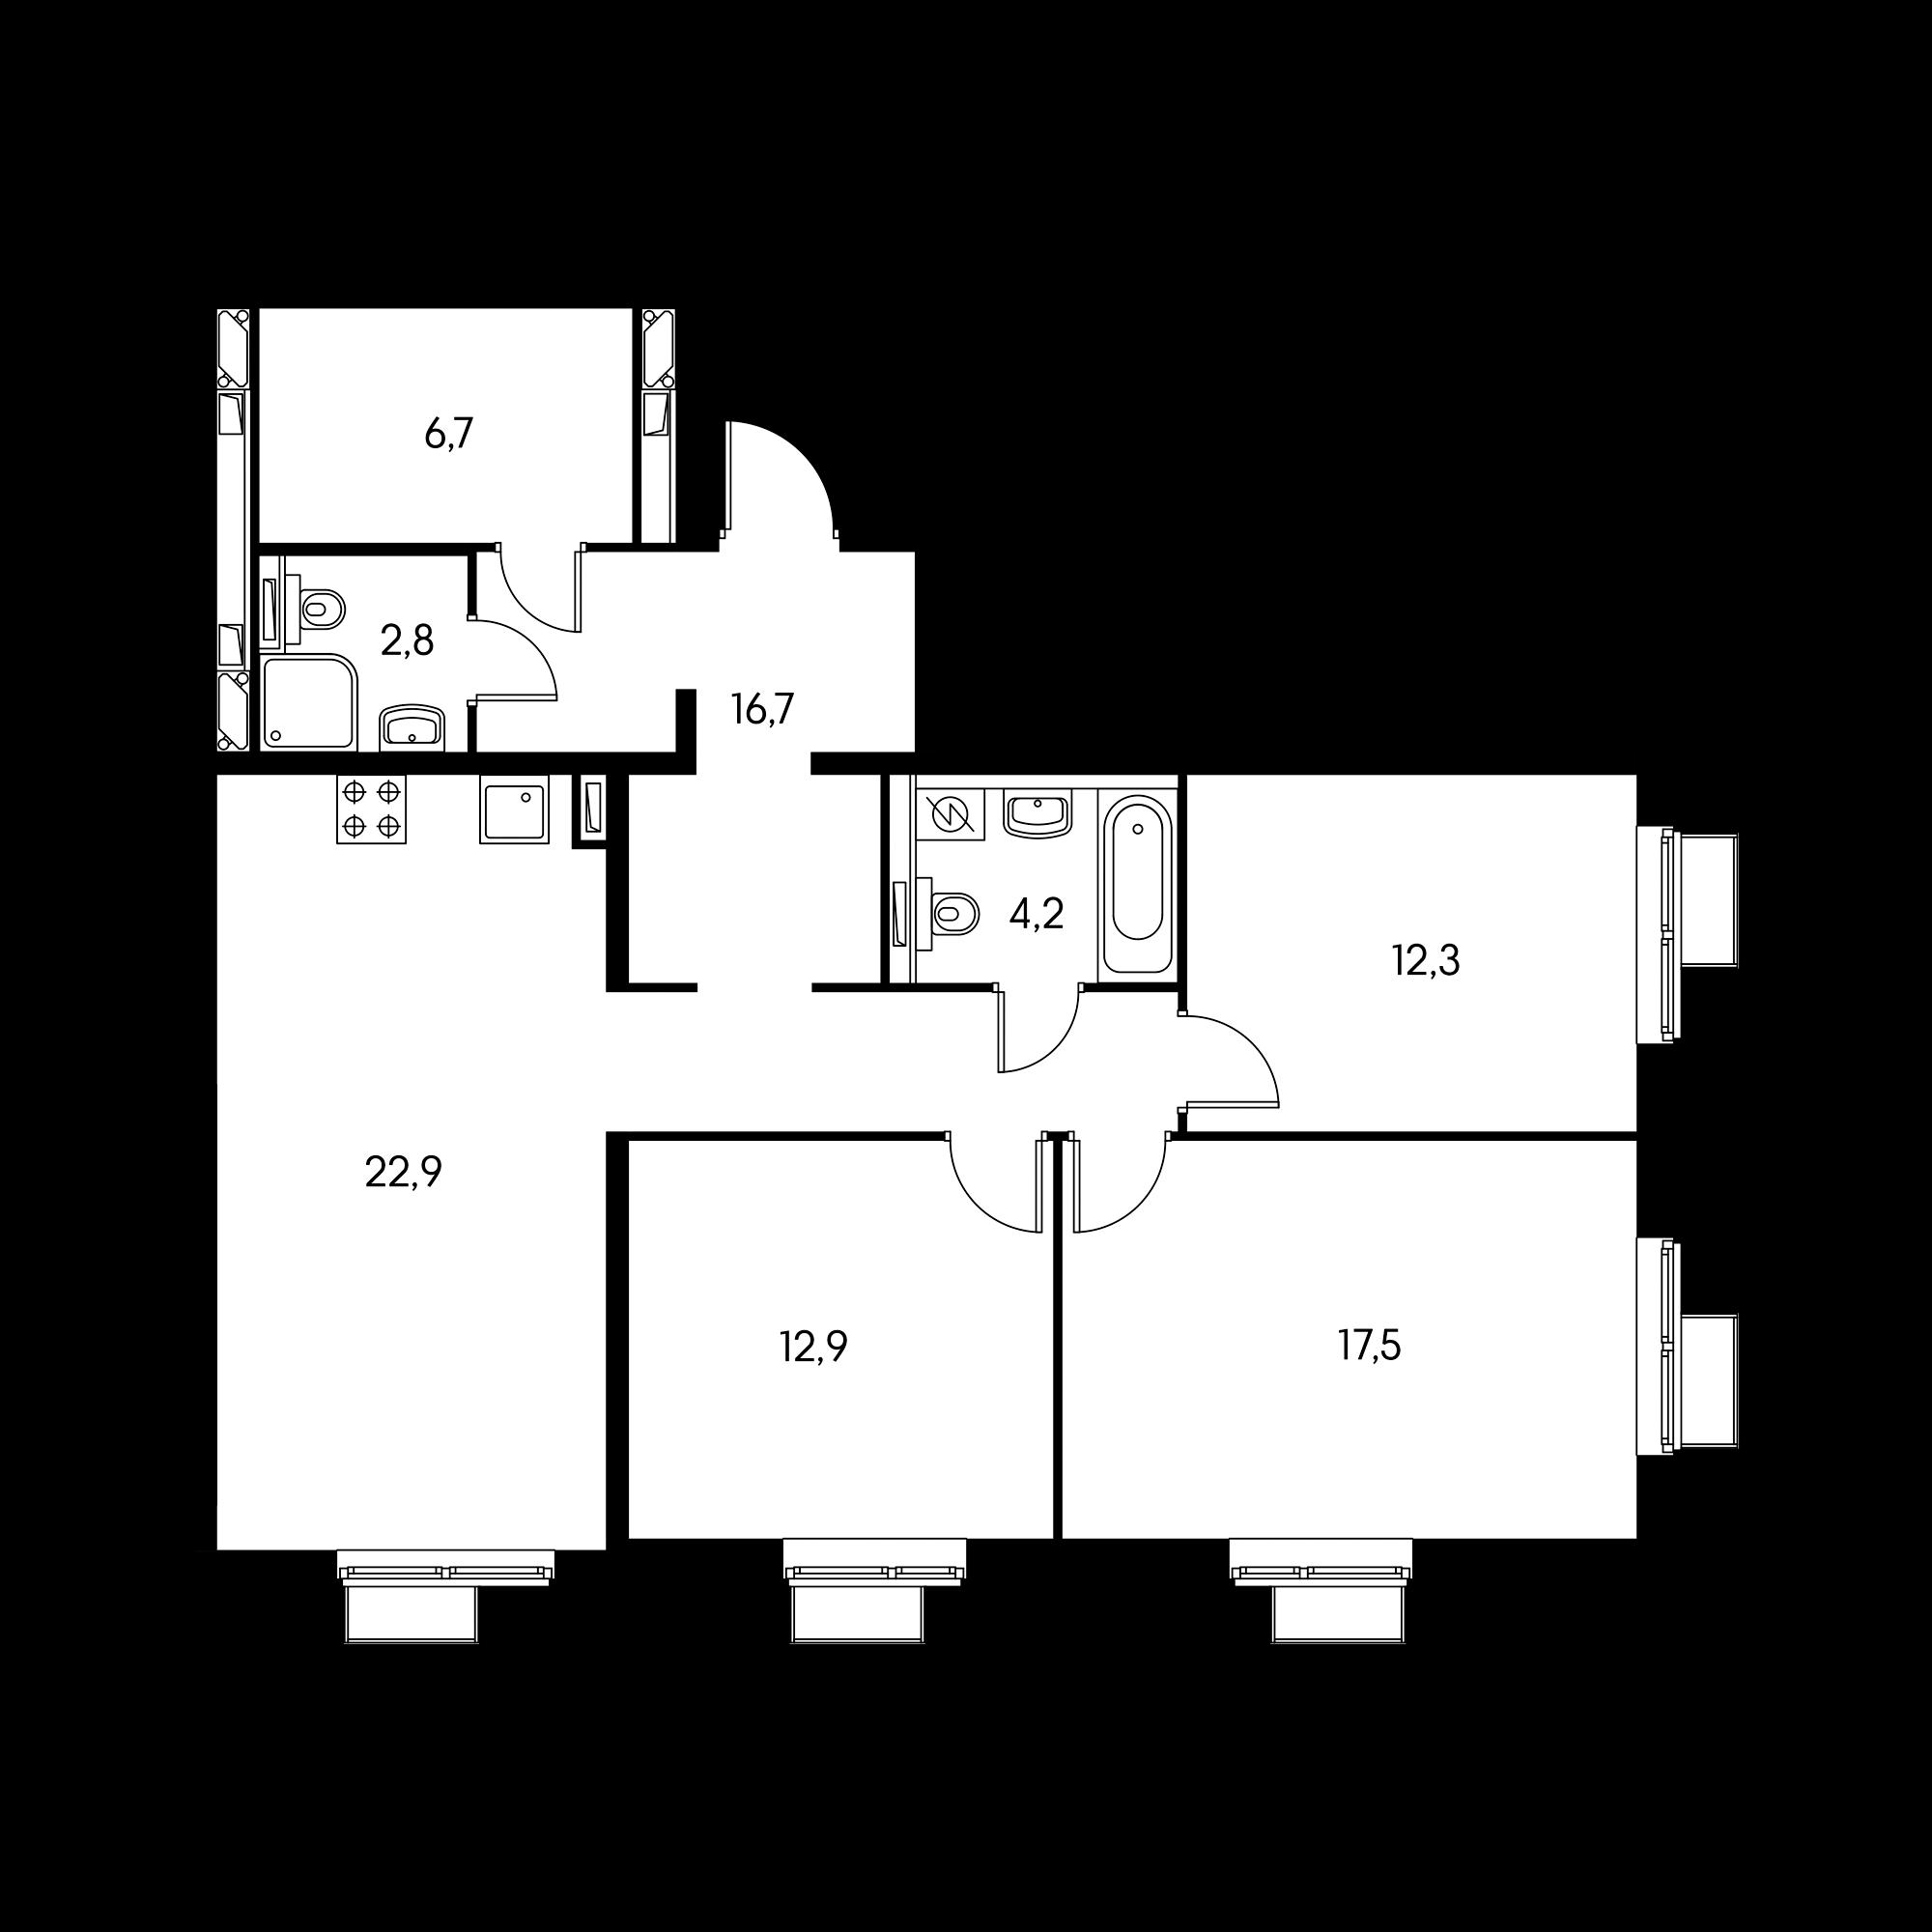 3EL23_10.5-2_Т_A